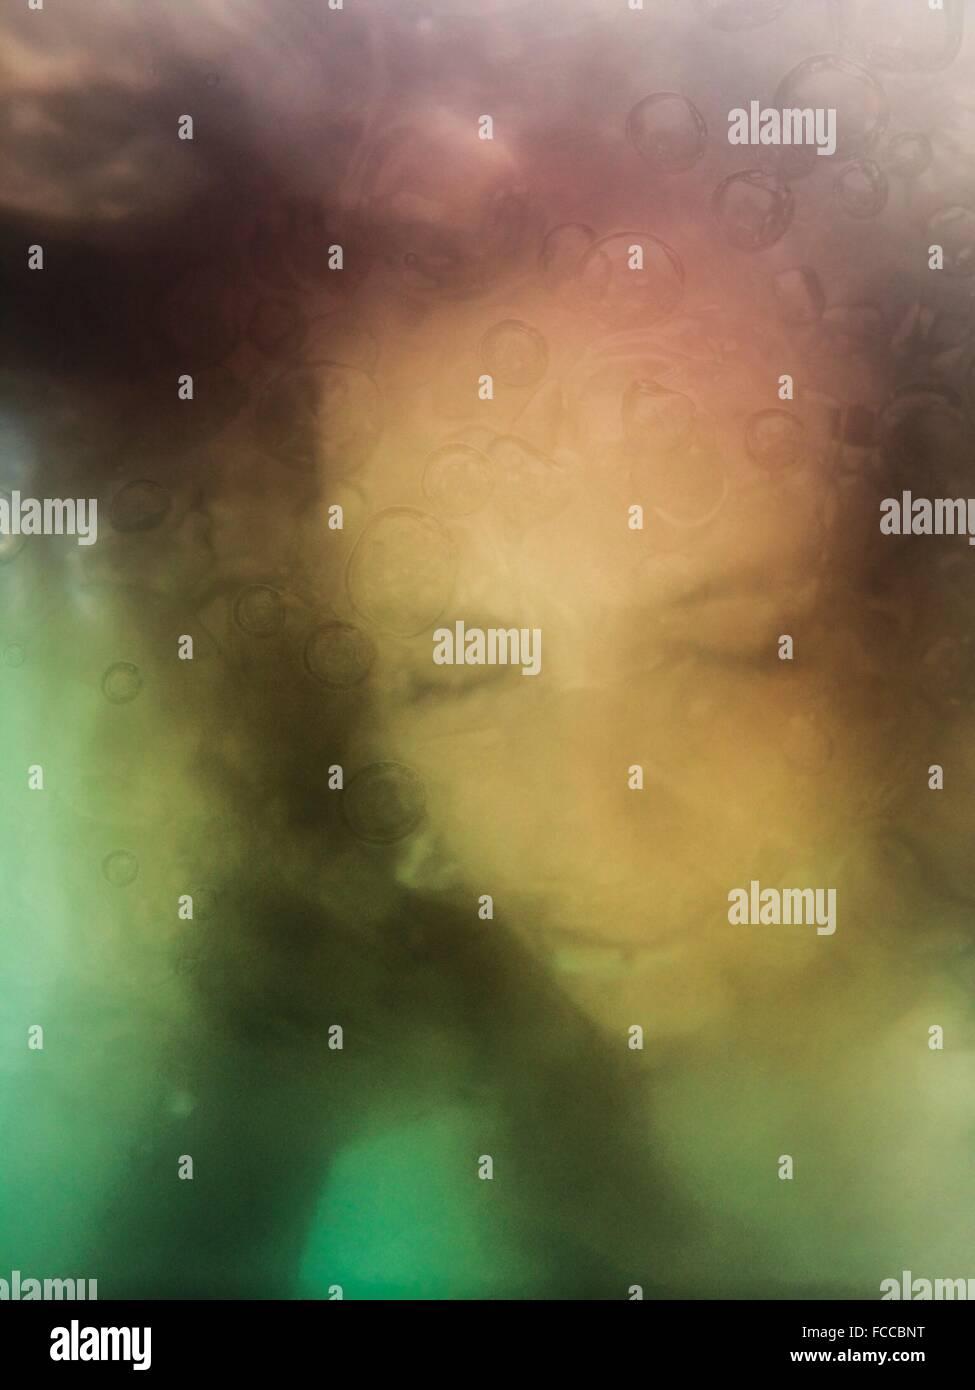 Kreative Selfie mit Unterwasser-Effekt Stockbild